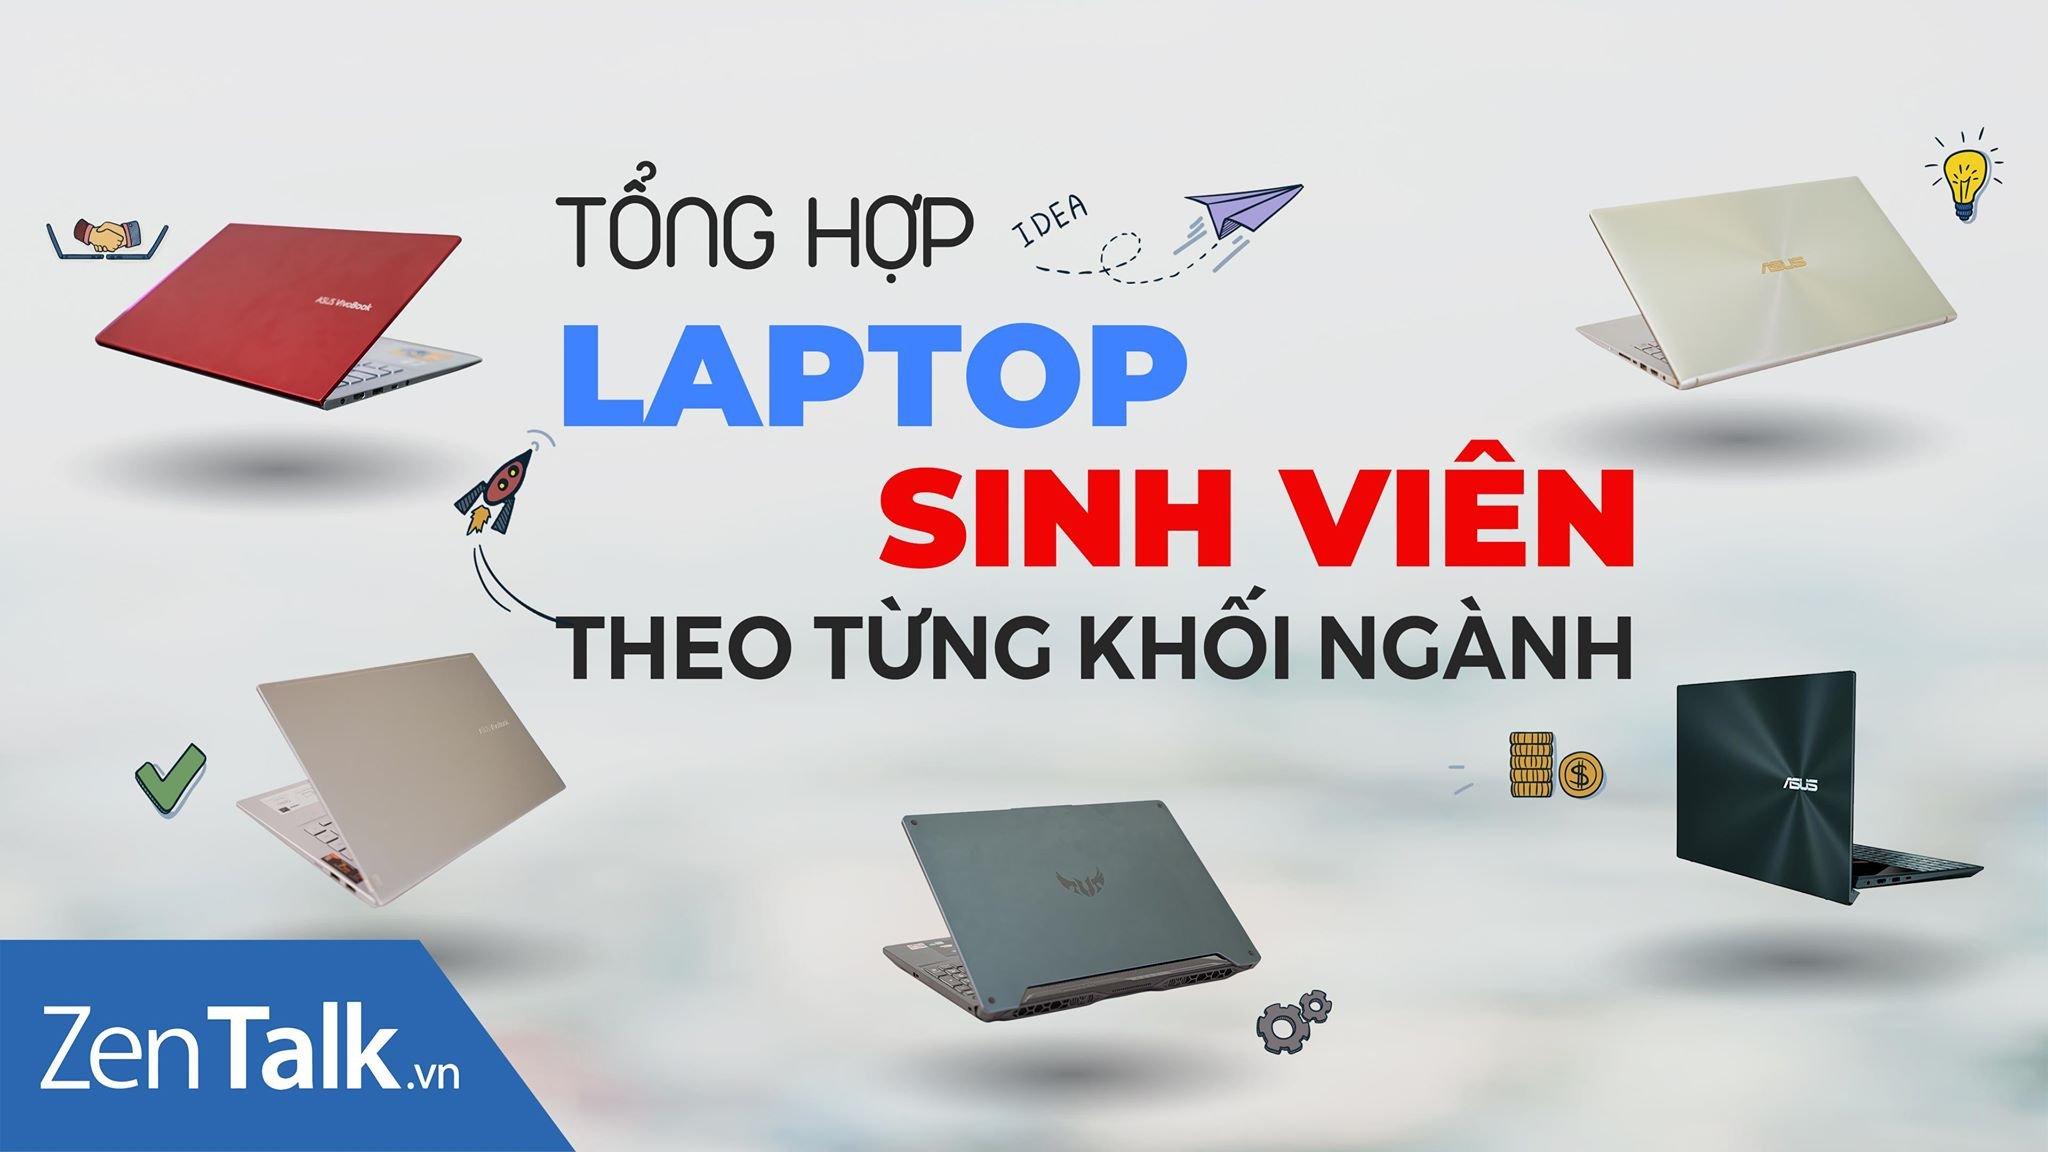 Tư vấn chọn mua laptop cho sinh viên theo từng khối ngành